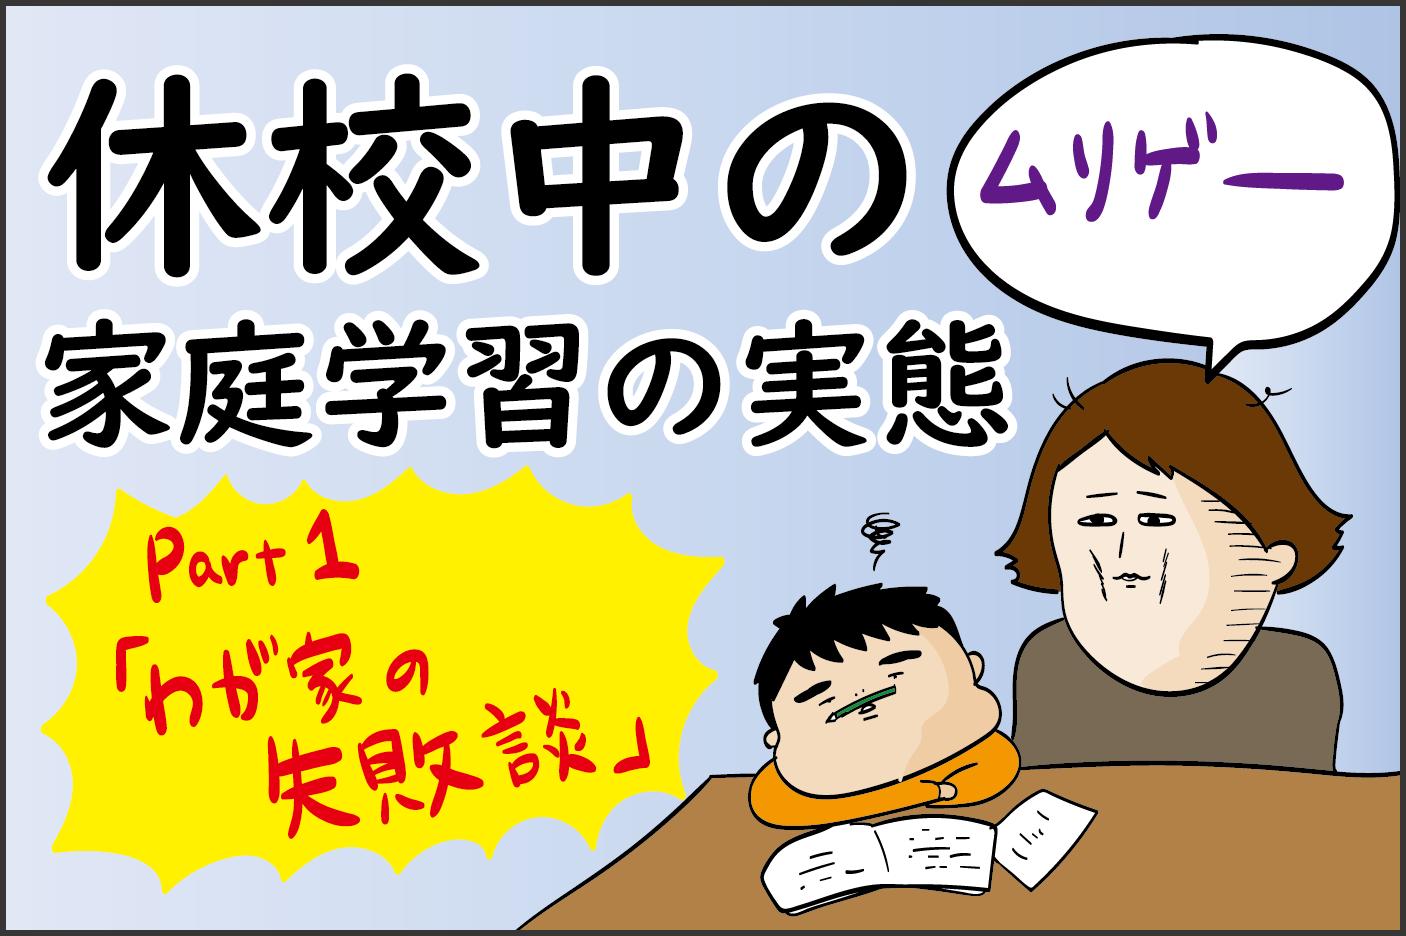 わが家の失敗談! ムリゲーな休校中の家庭学習の実態とは?(1)